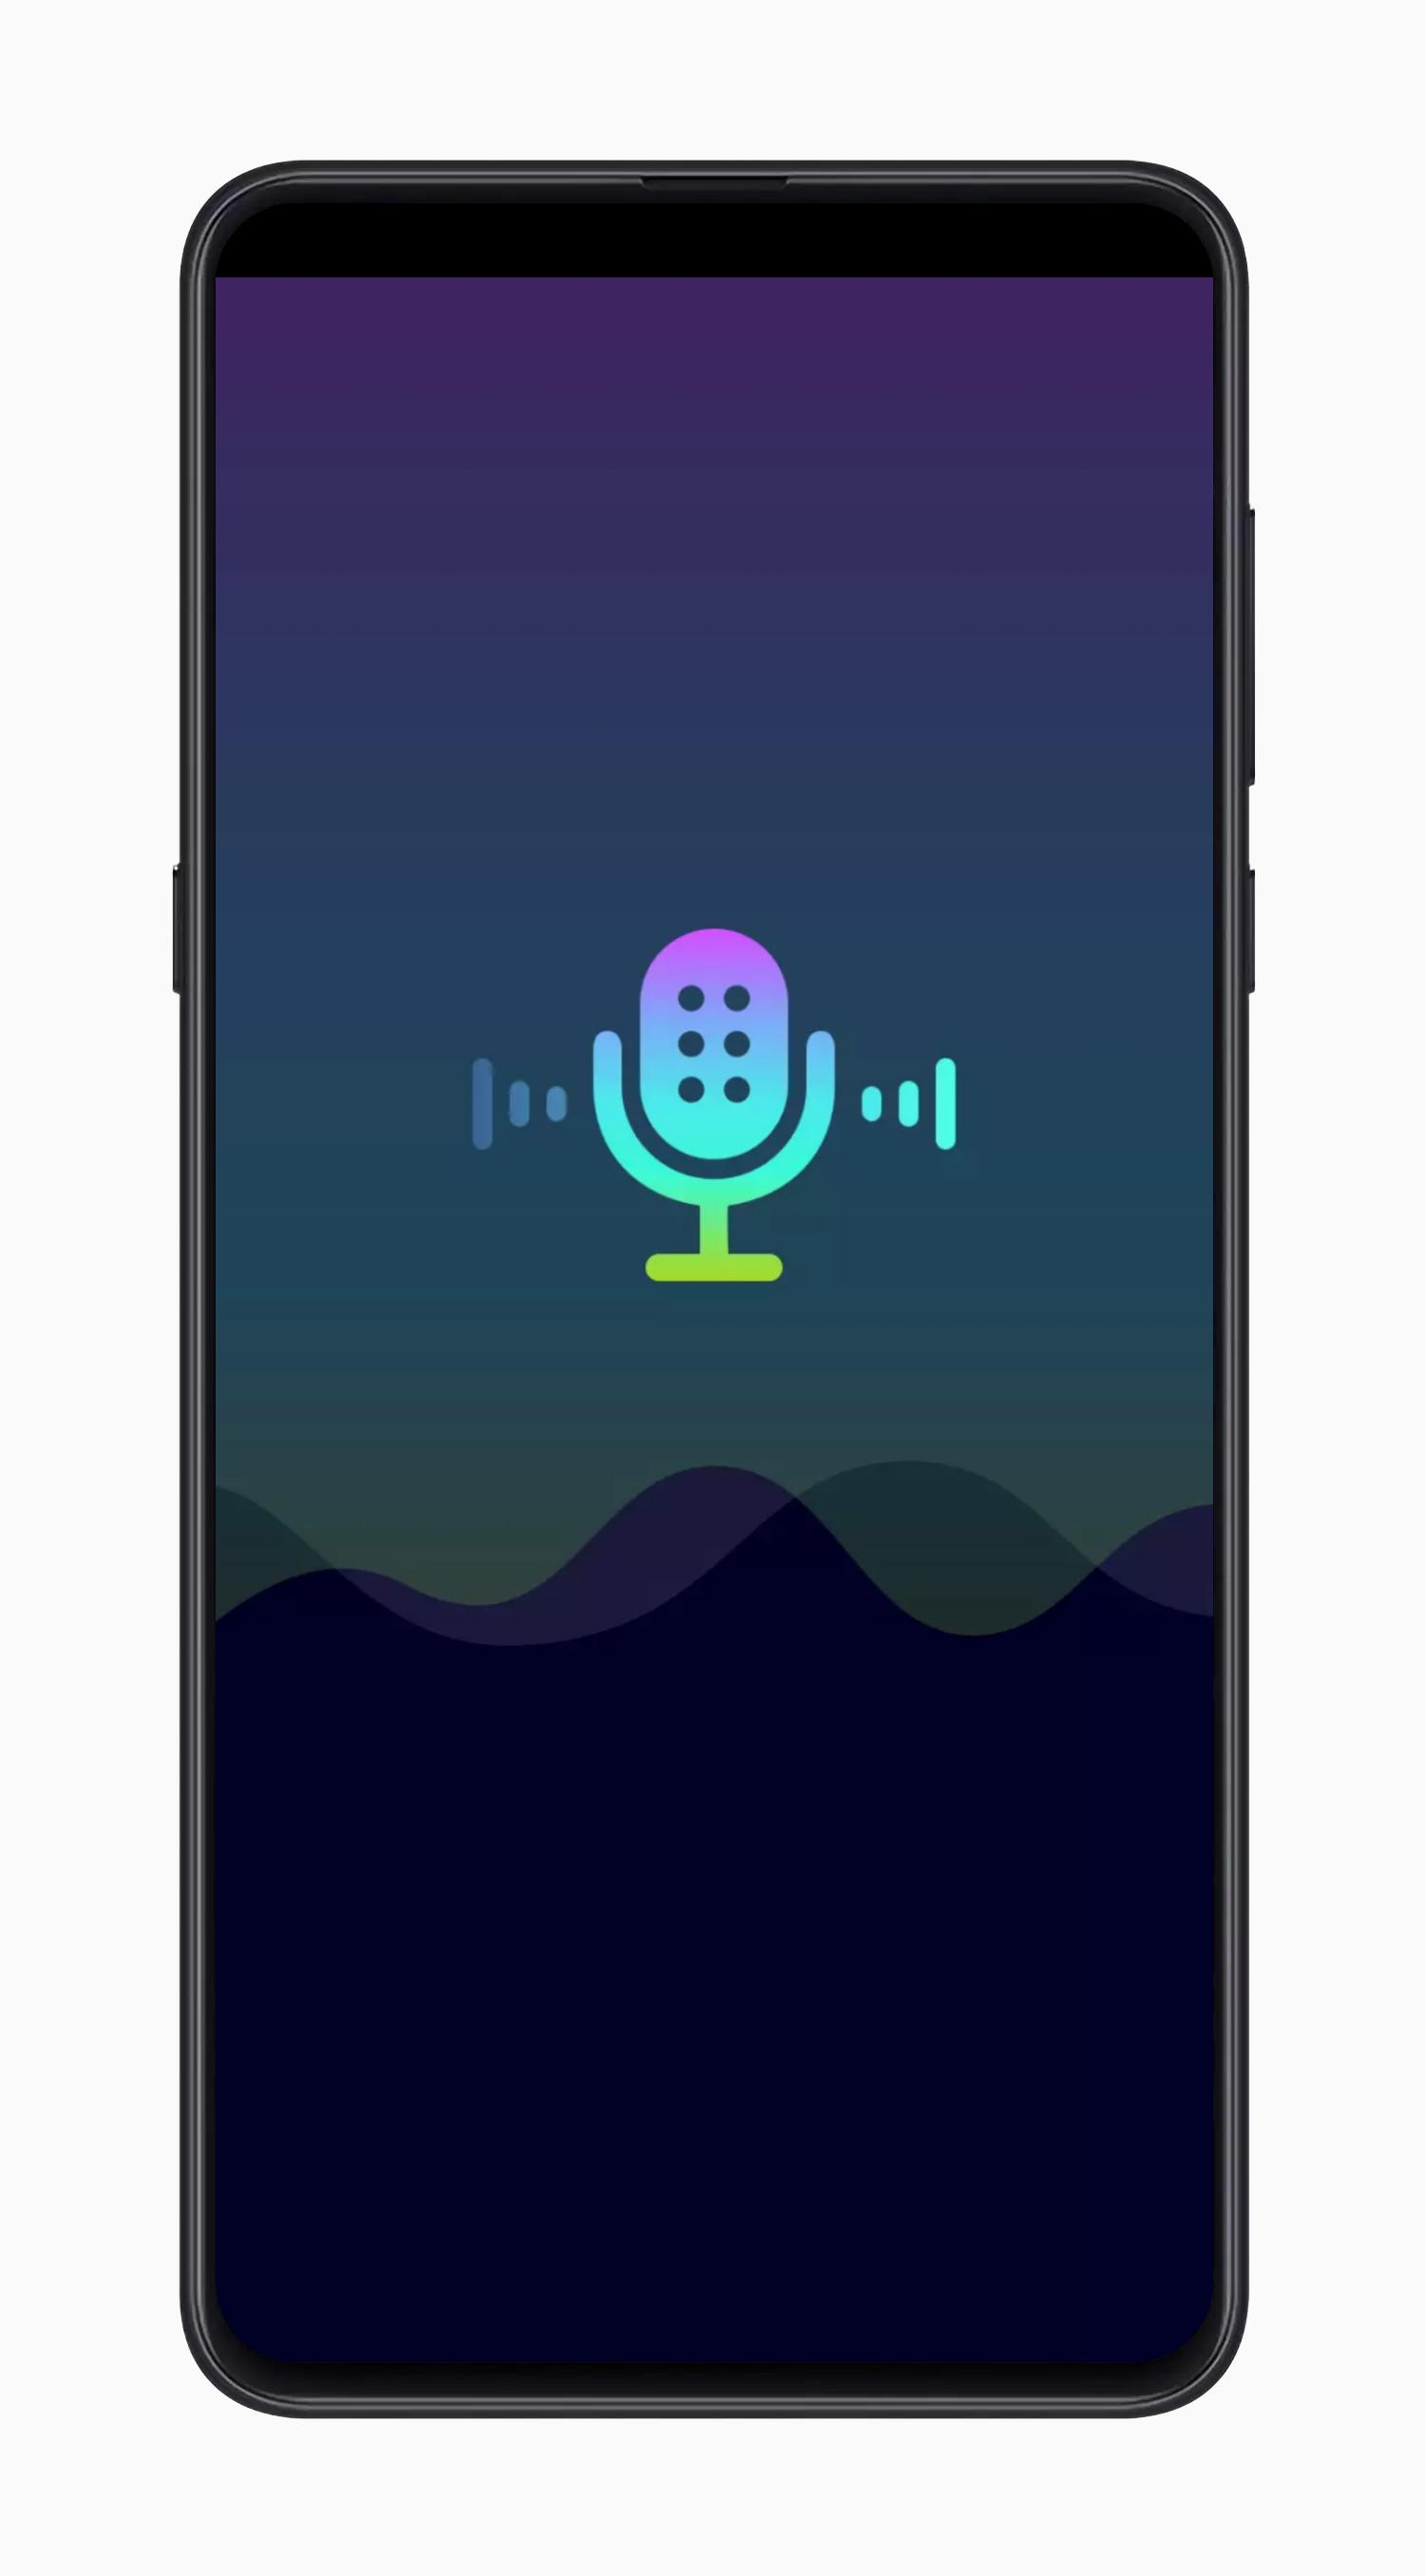 【破解软件】全能变声器|v9.2.0|破解会员 免登录